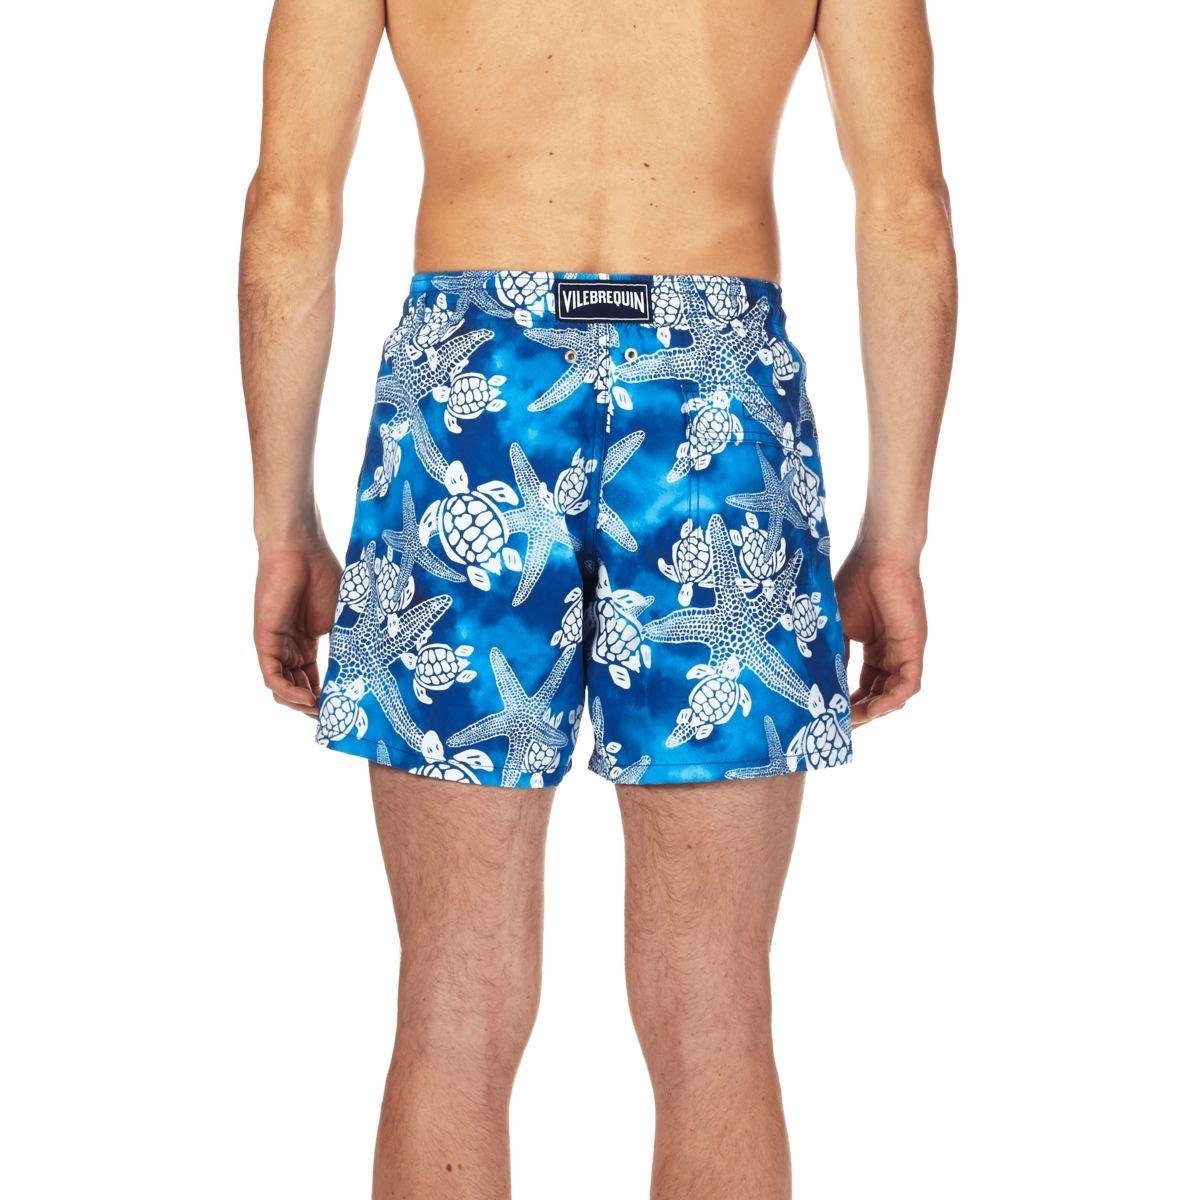 e32b2f268e Vilebrequin Men's Moorea Starlets & Turtles Swim Trunk | Amazon.com